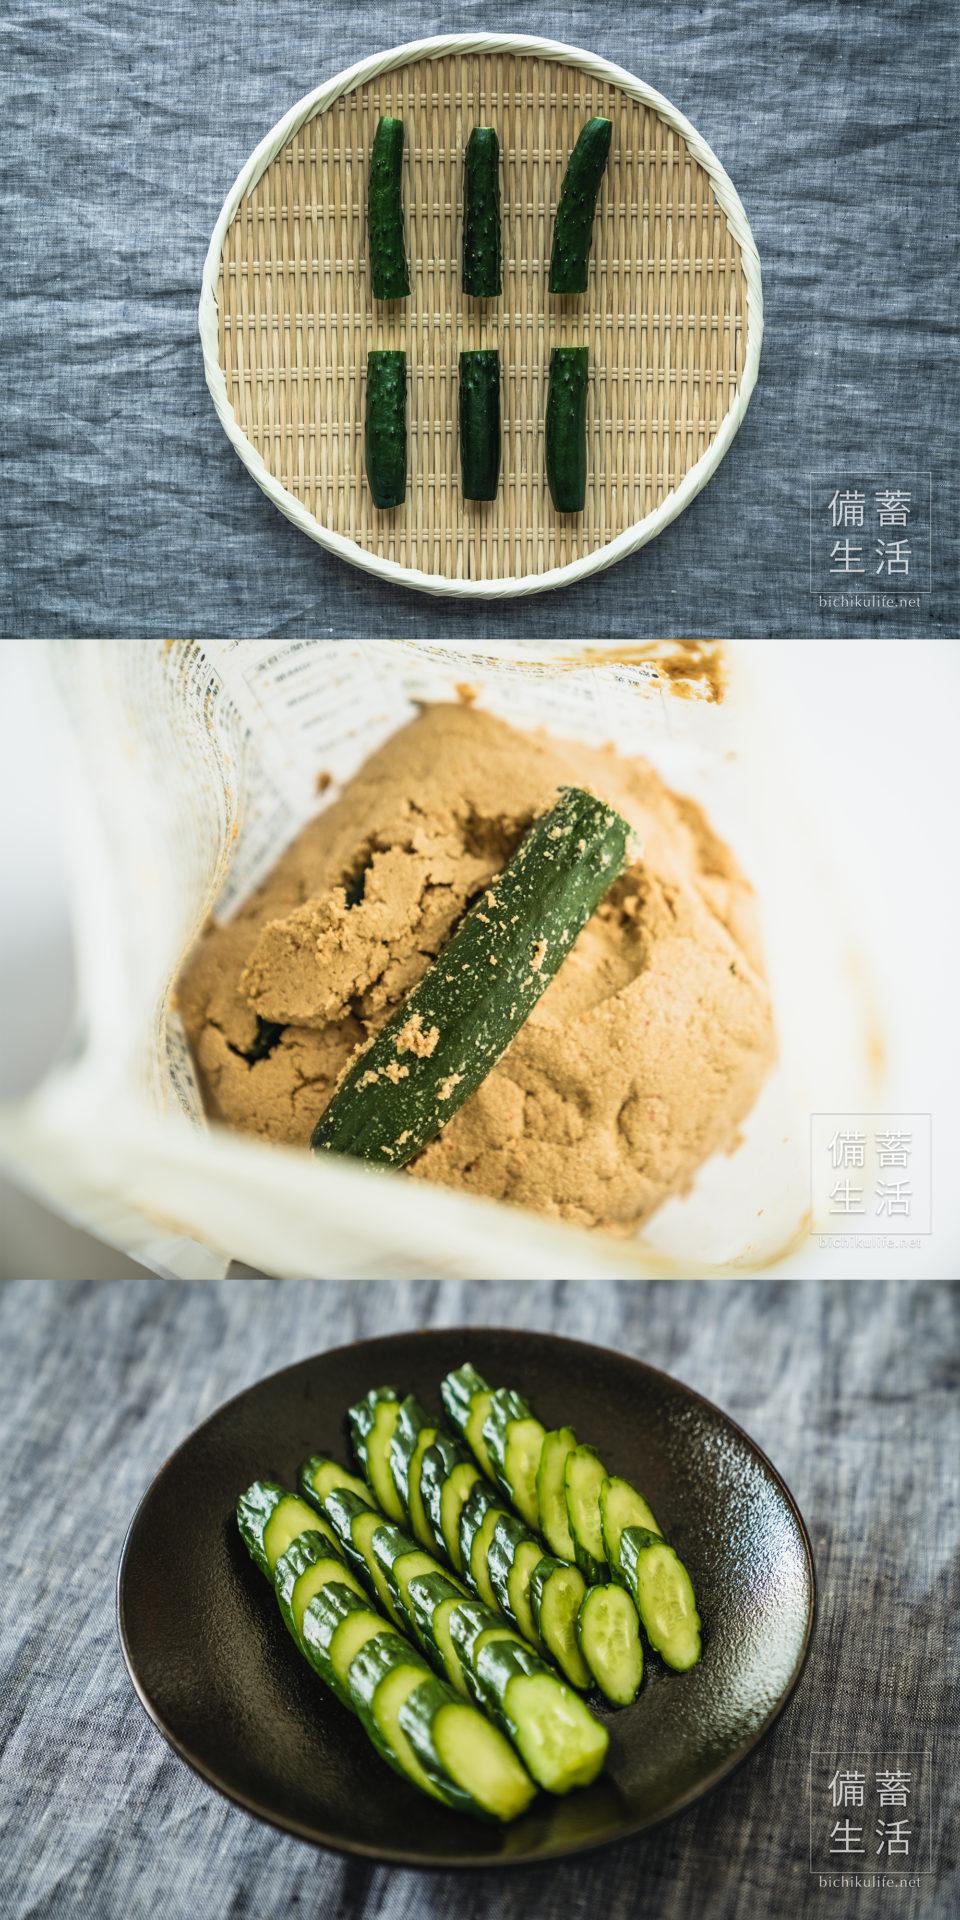 きゅうりのぬか漬けの作り方・レシピ